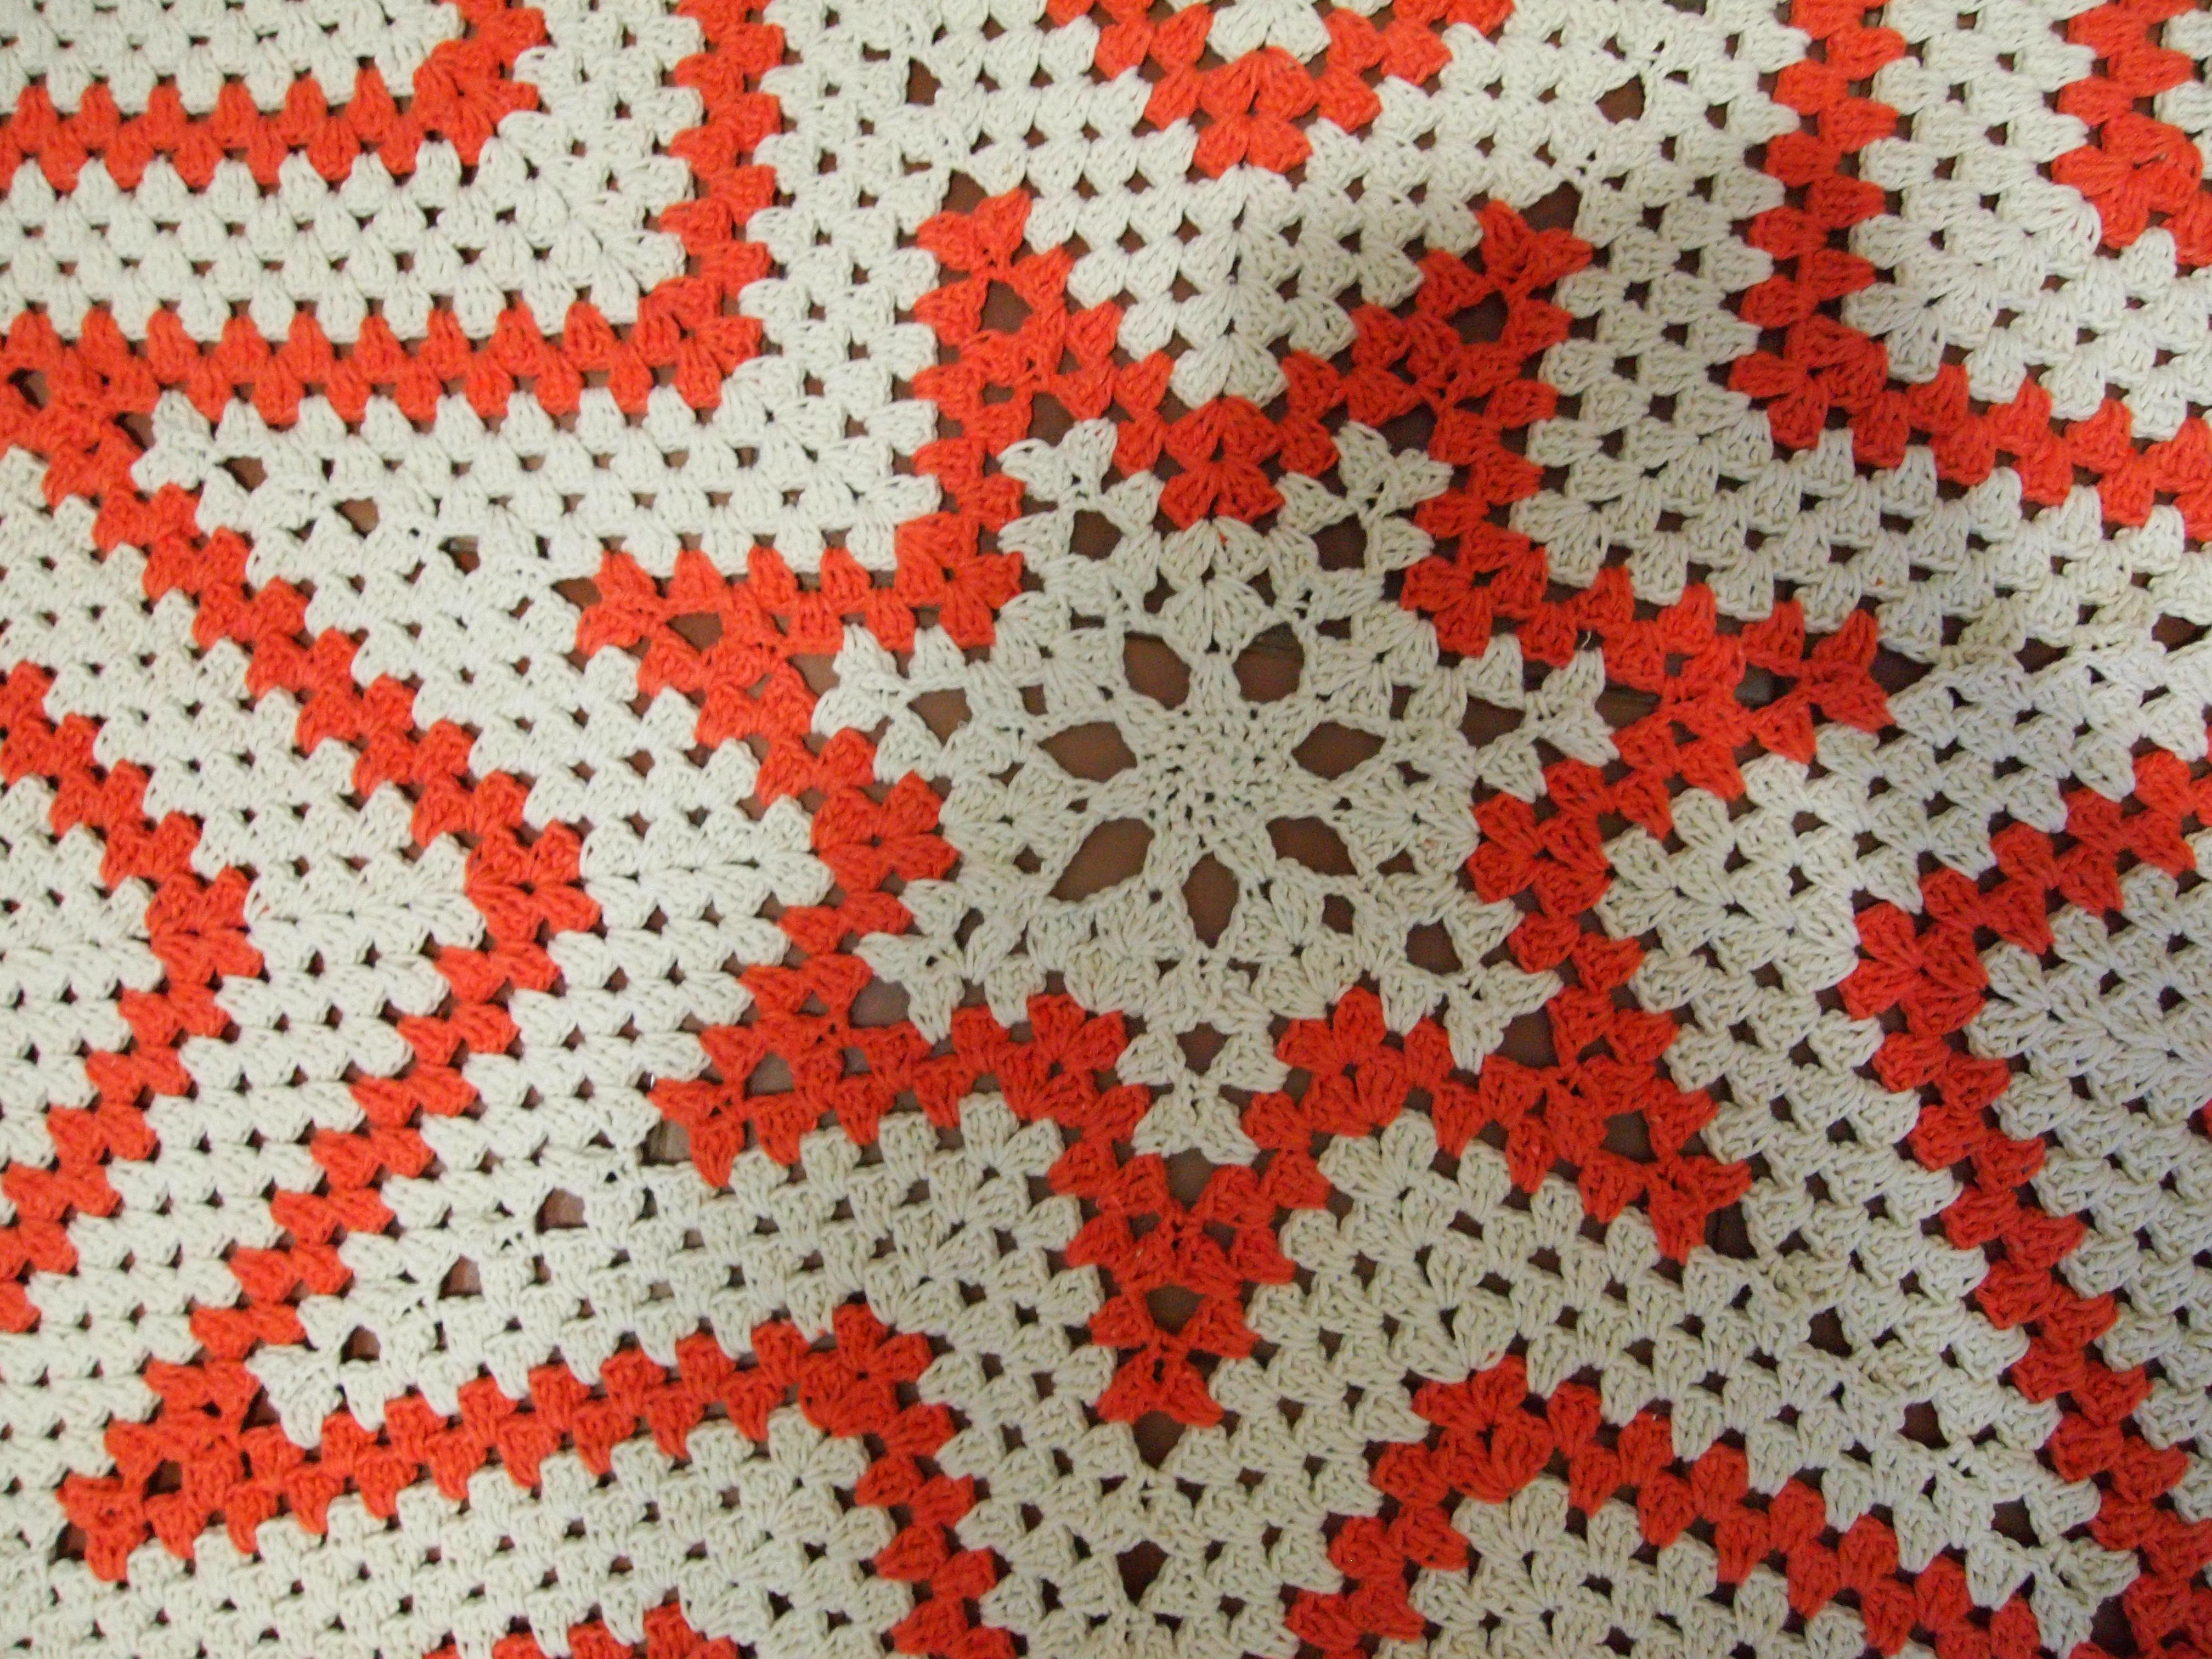 detalhes amarelo lara flor cone tapete estrela com detalhes amarelo #AE391D 4032x3024 Banheiro Com Detalhes Em Amarelo